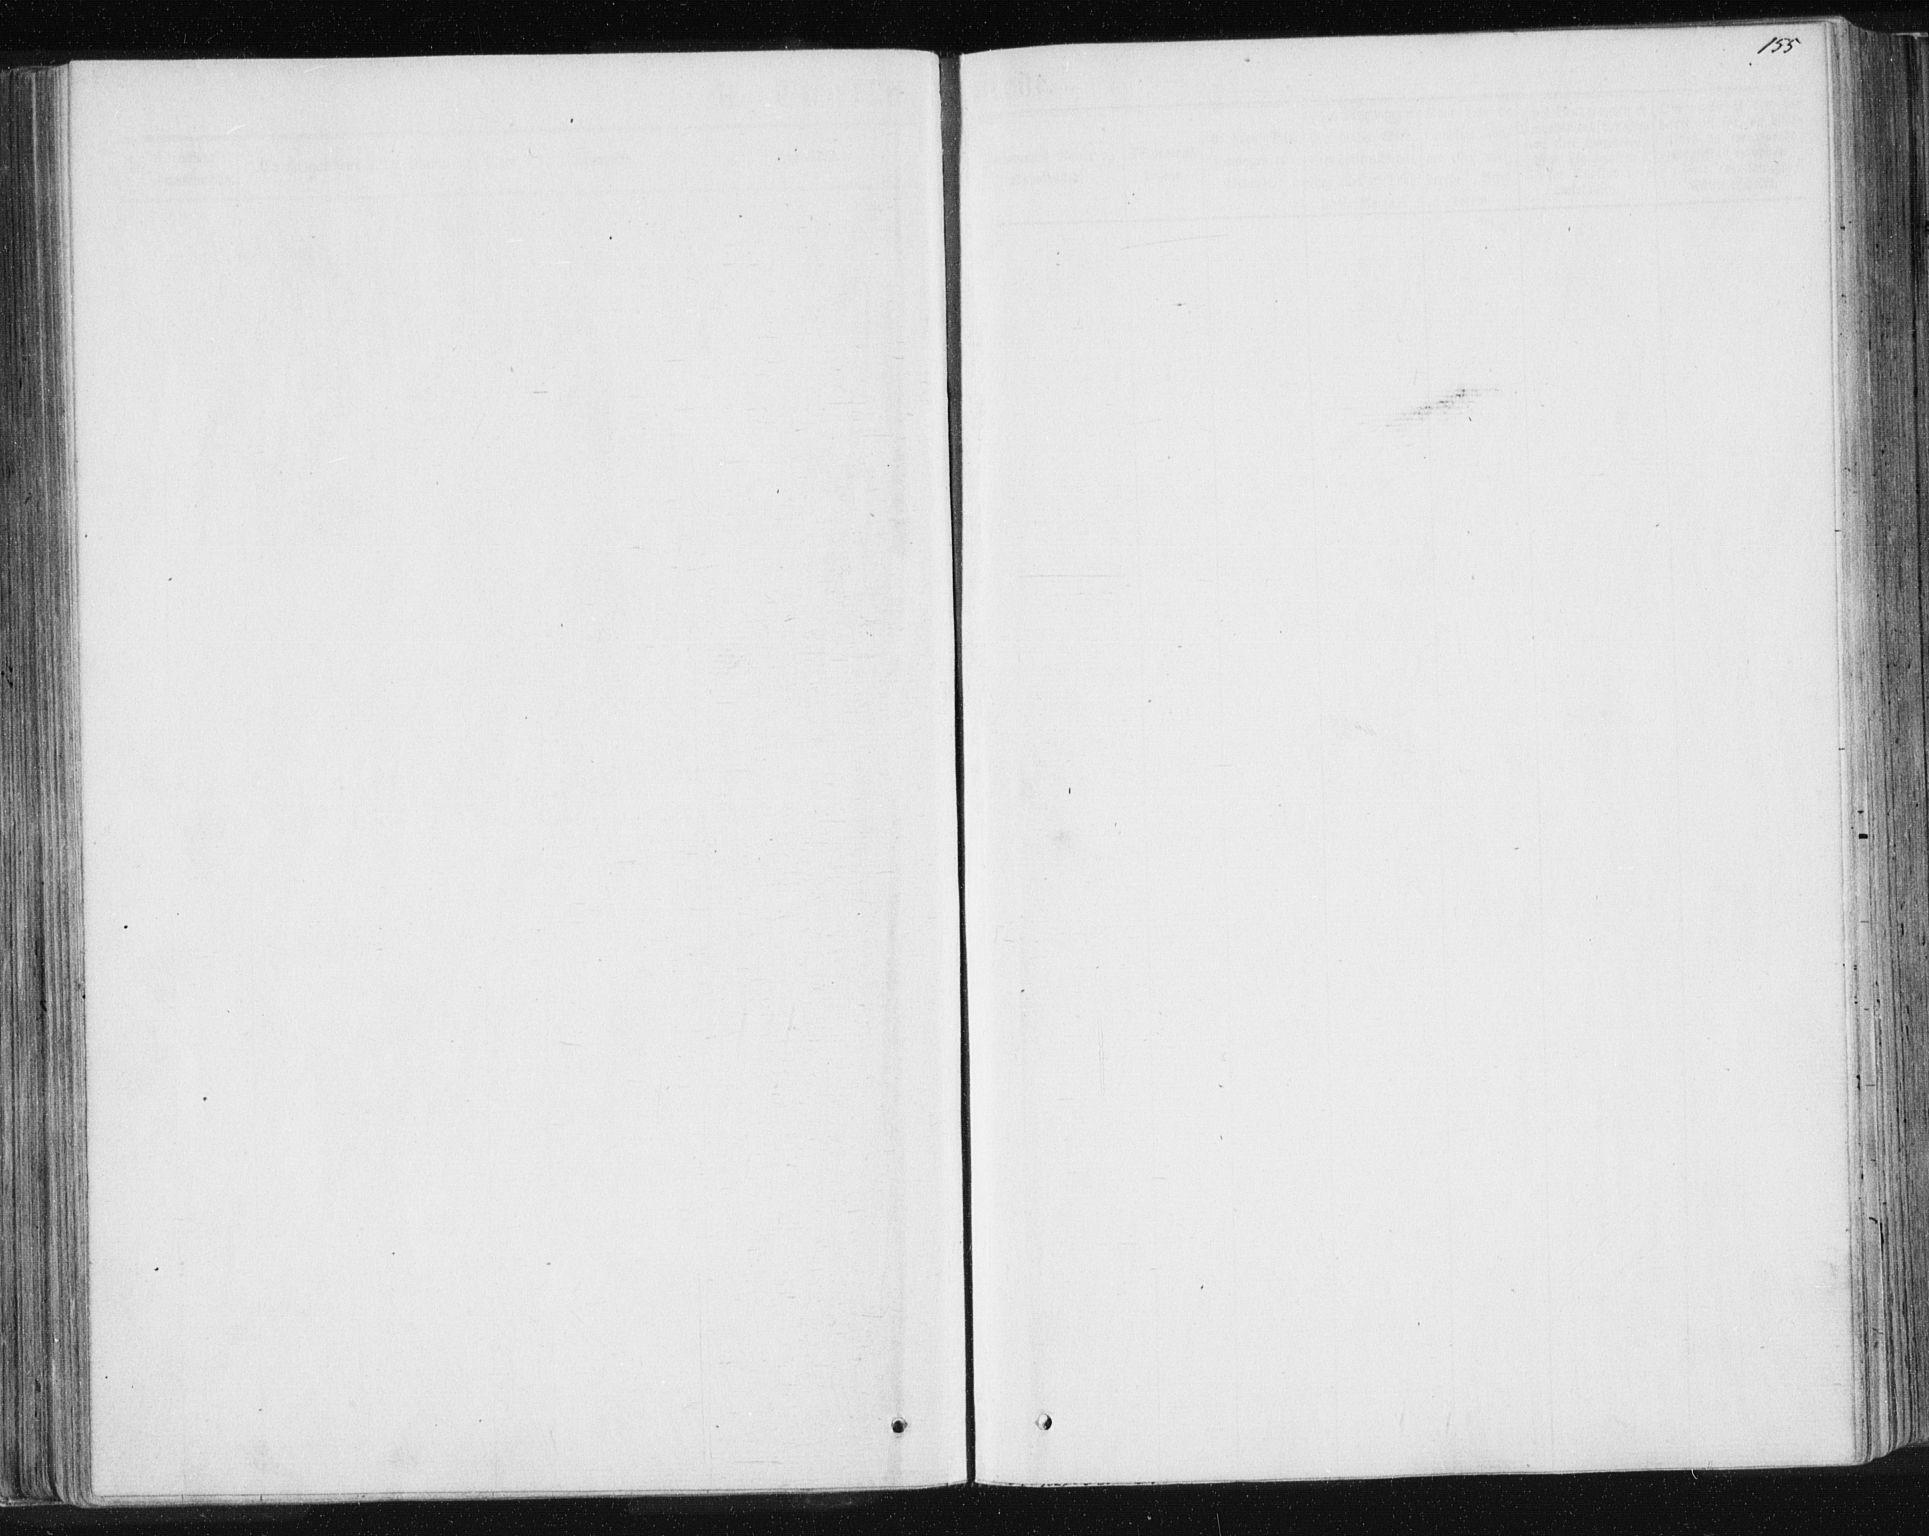 SAT, Ministerialprotokoller, klokkerbøker og fødselsregistre - Sør-Trøndelag, 685/L0970: Ministerialbok nr. 685A08 /2, 1870-1878, s. 155